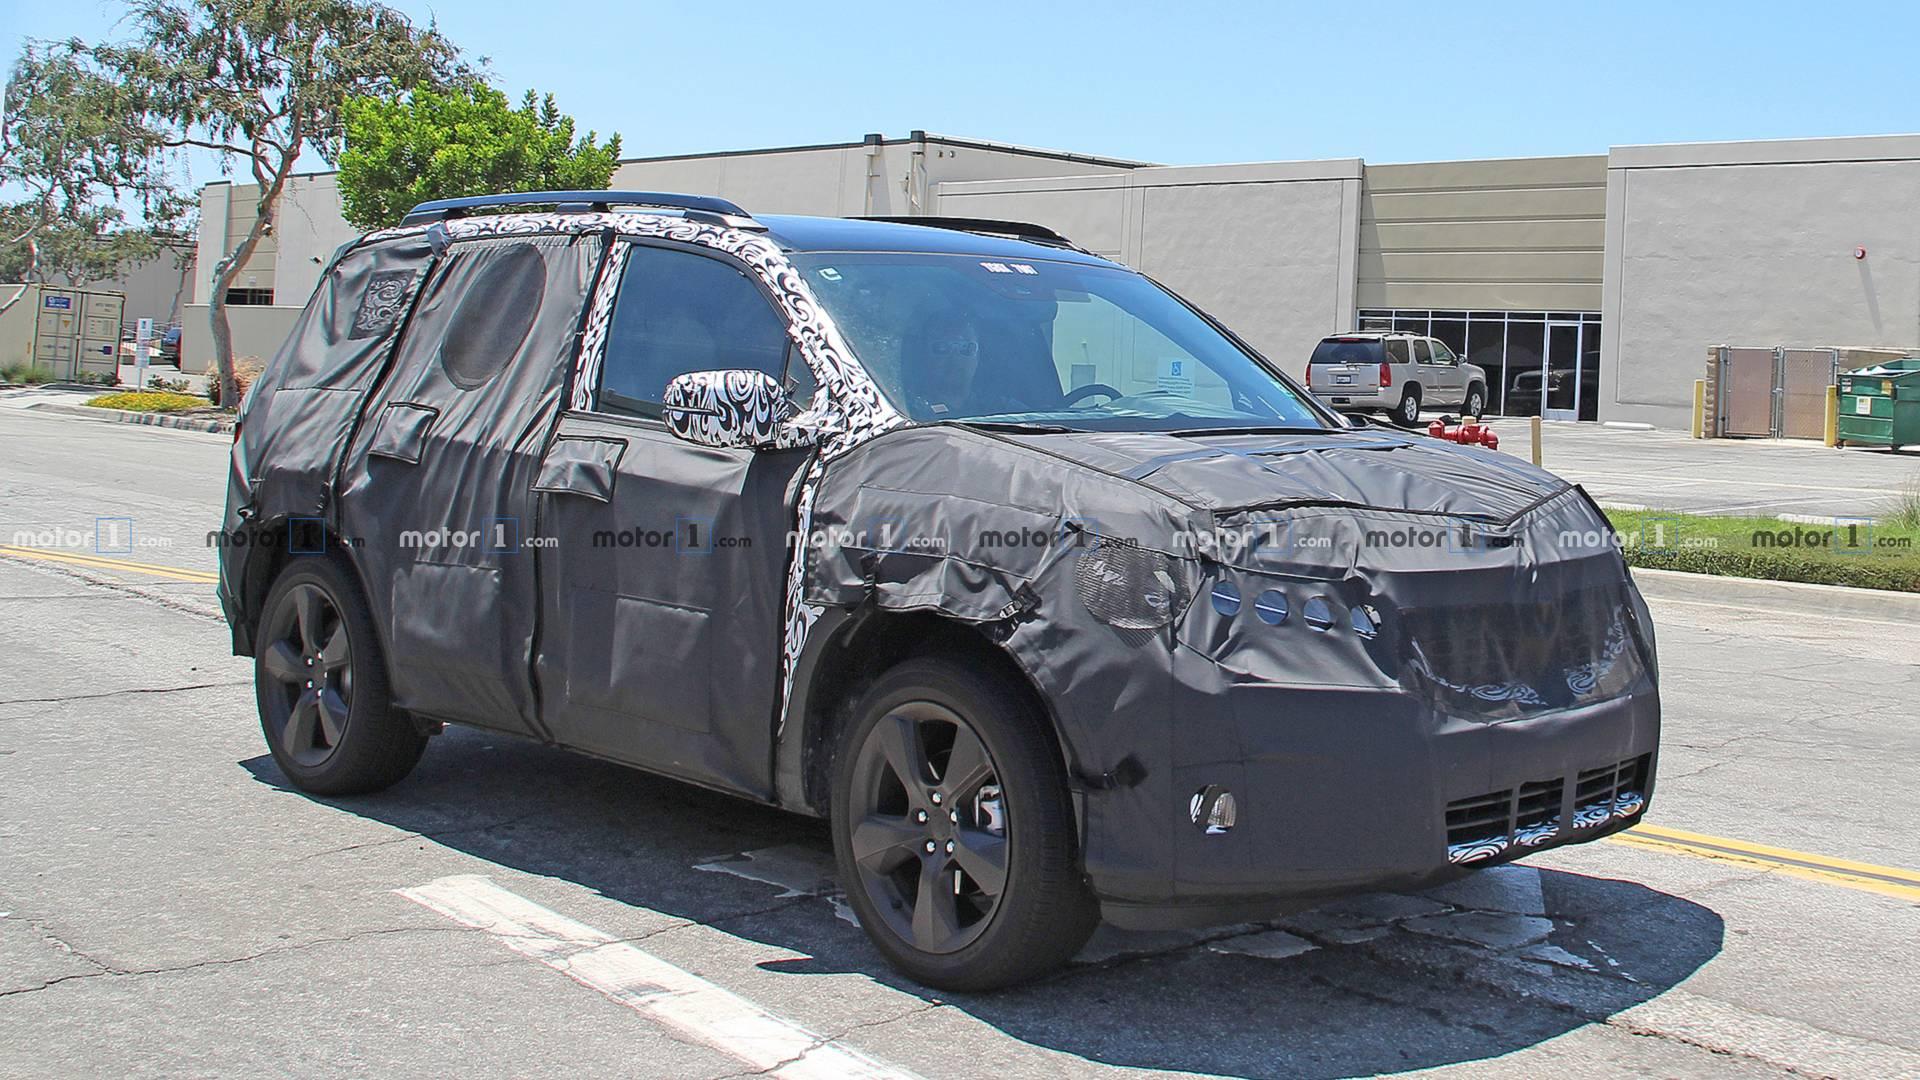 Honda Passport Spied Still Hiding Under Heavy Camouflage